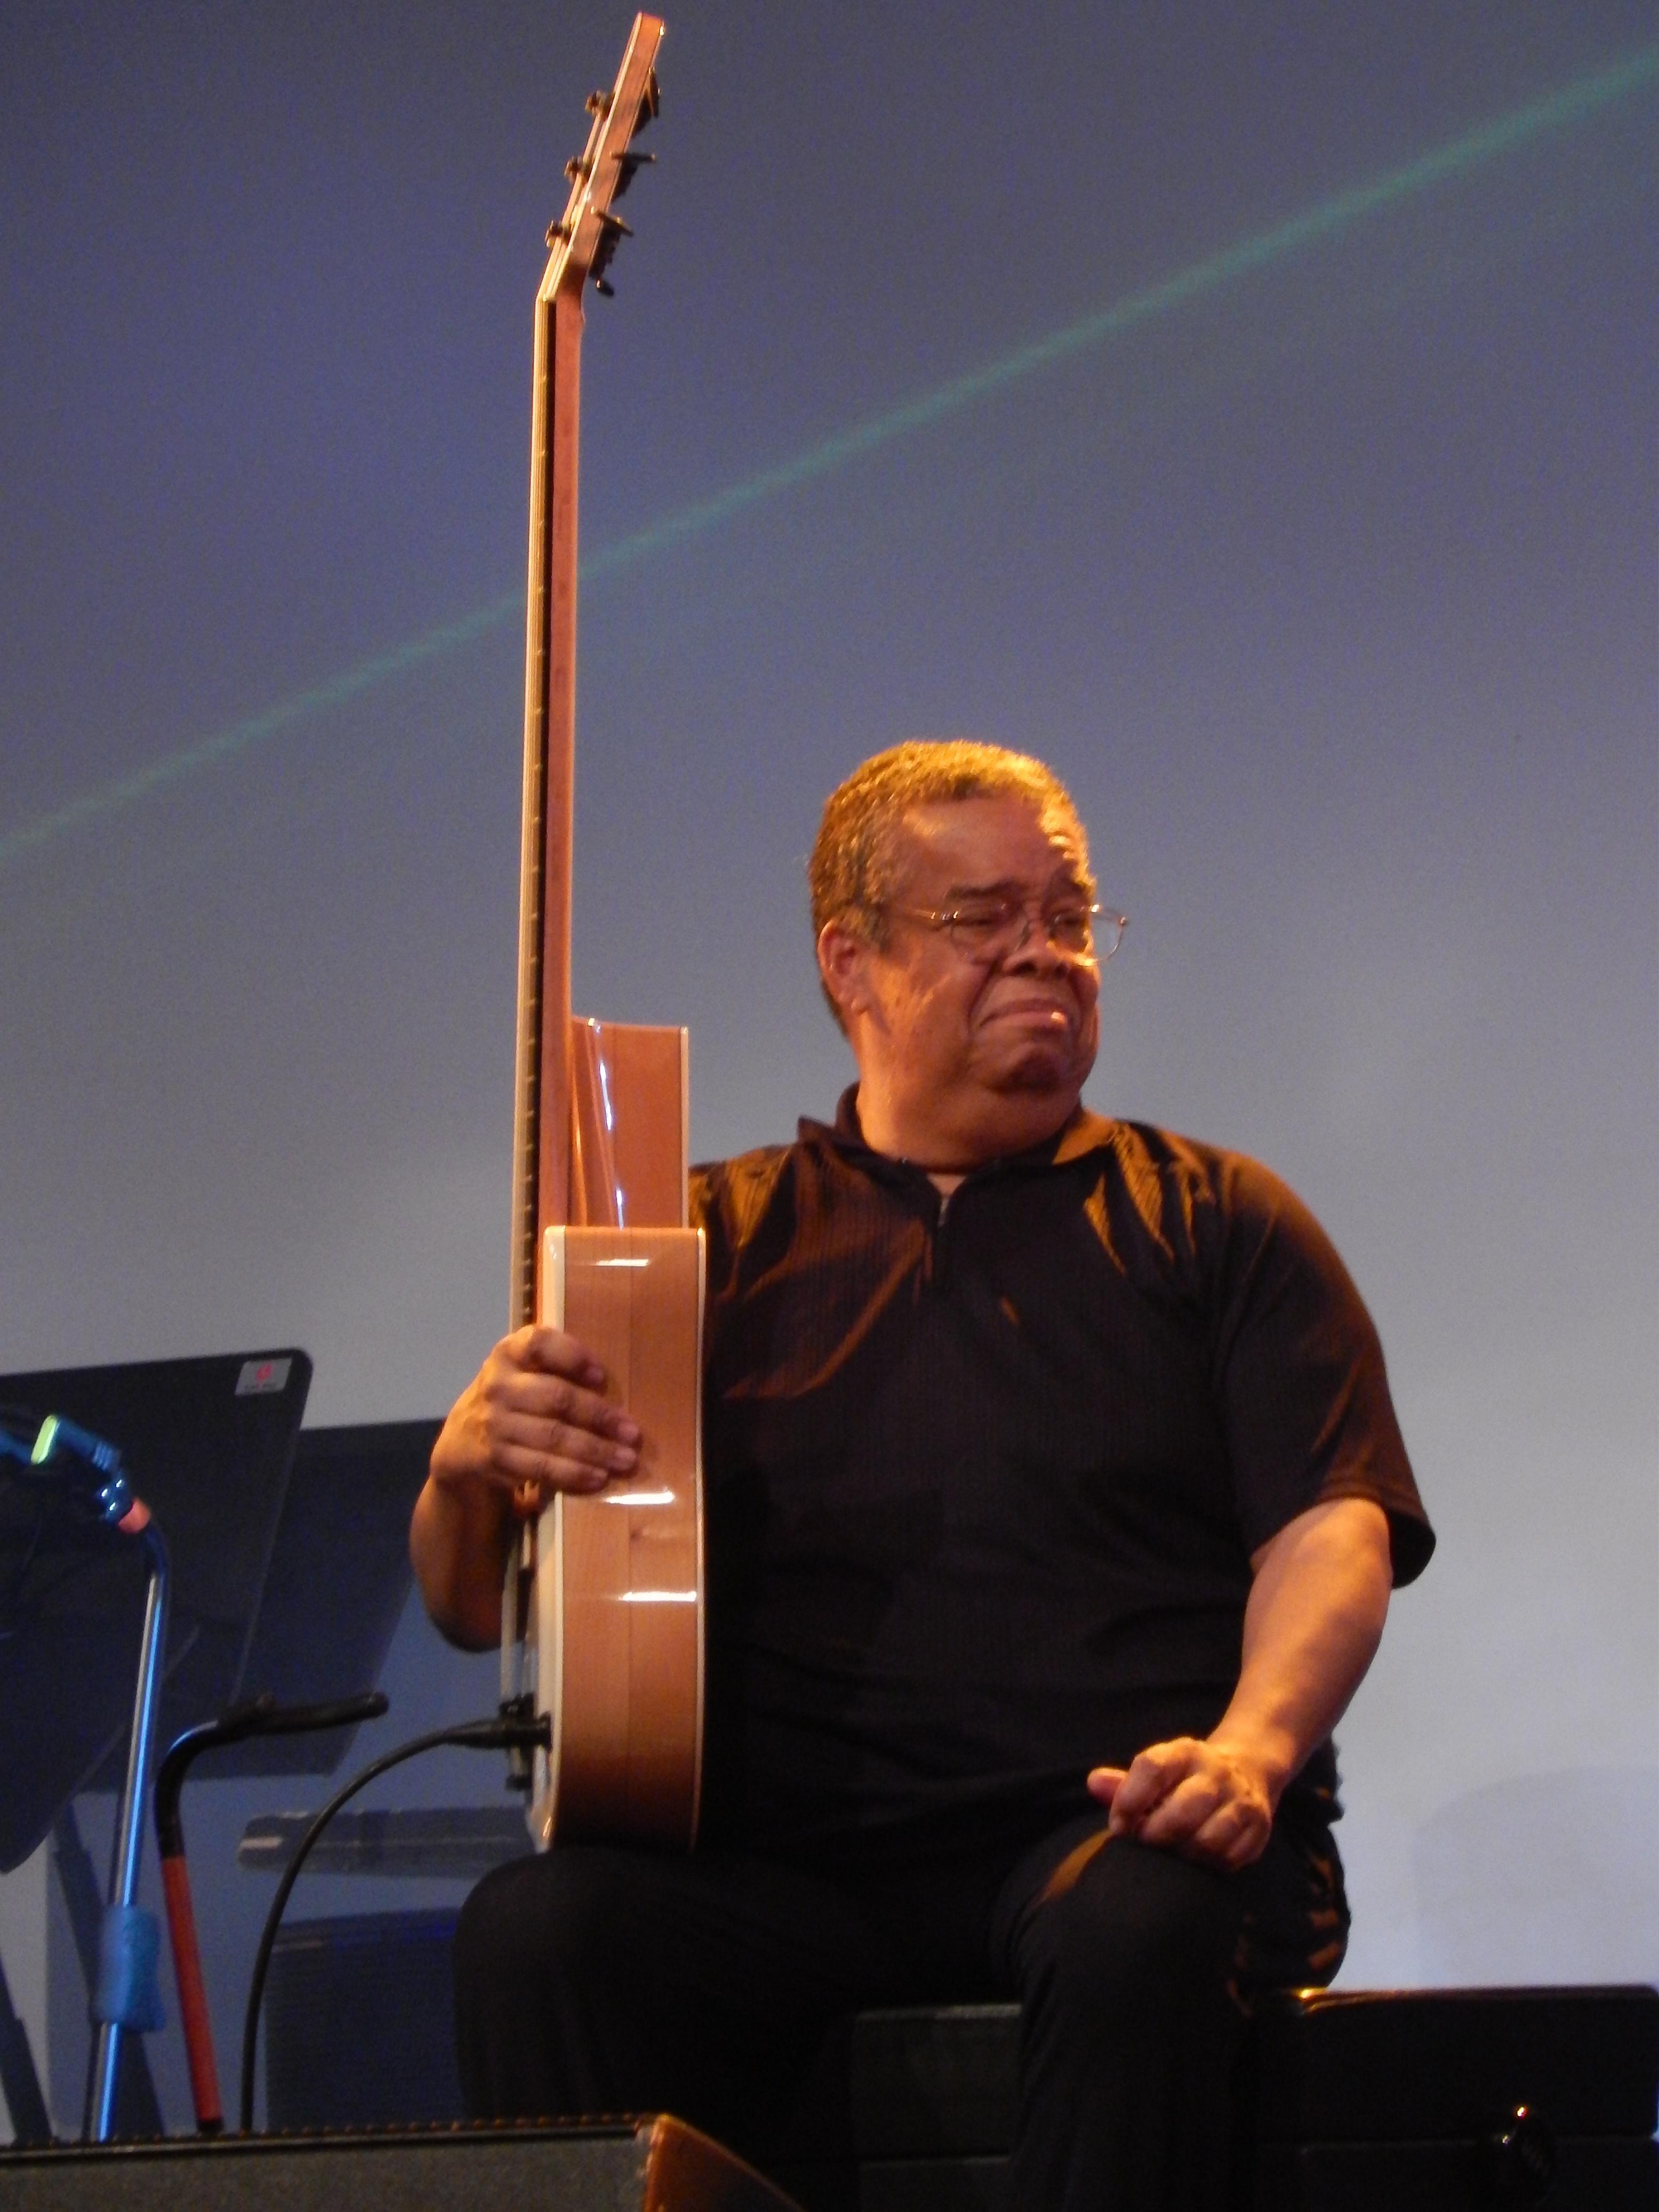 Anthony Jackson